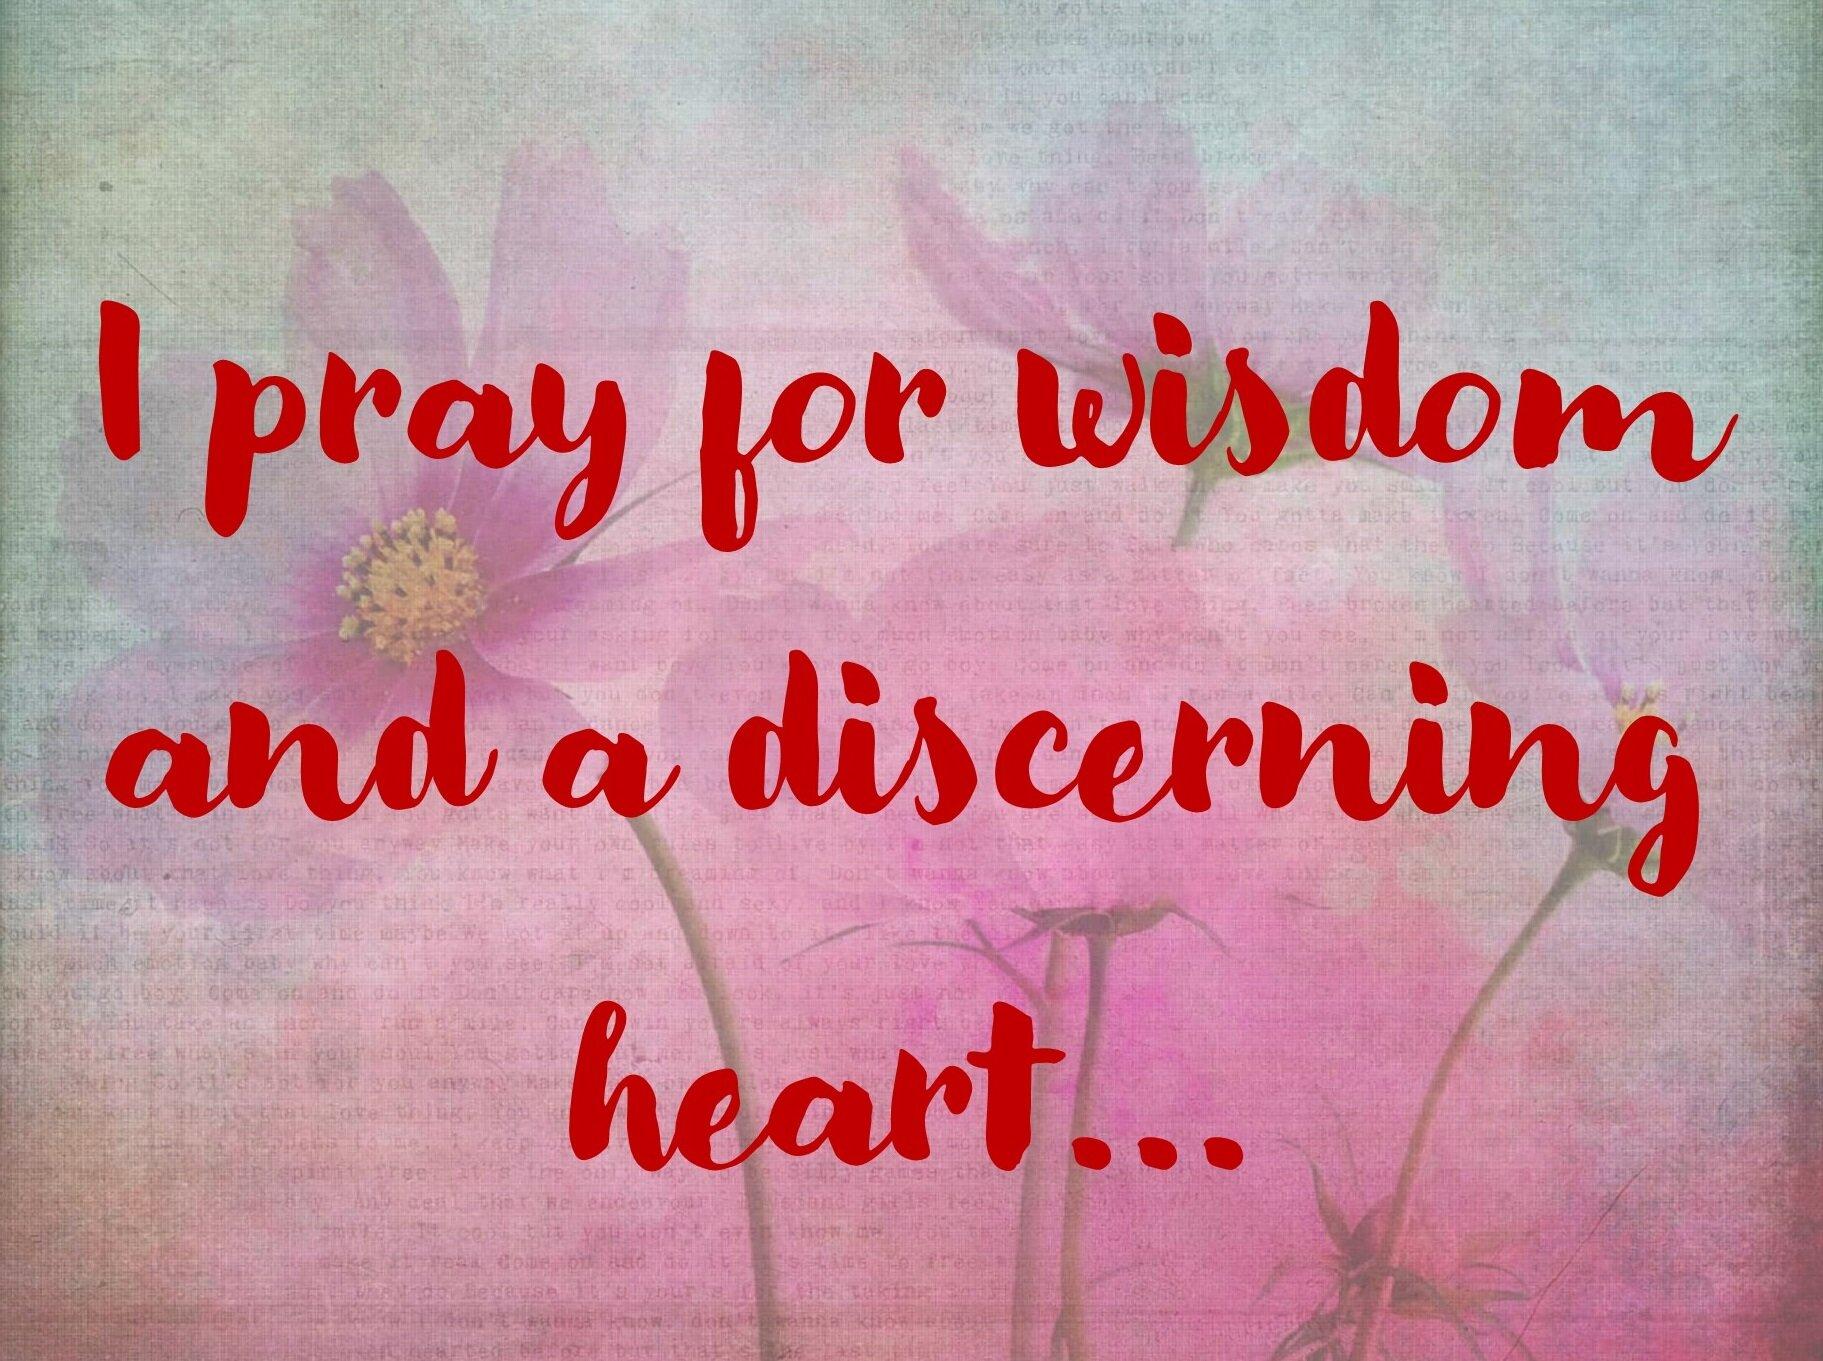 Discerning heart.jpg